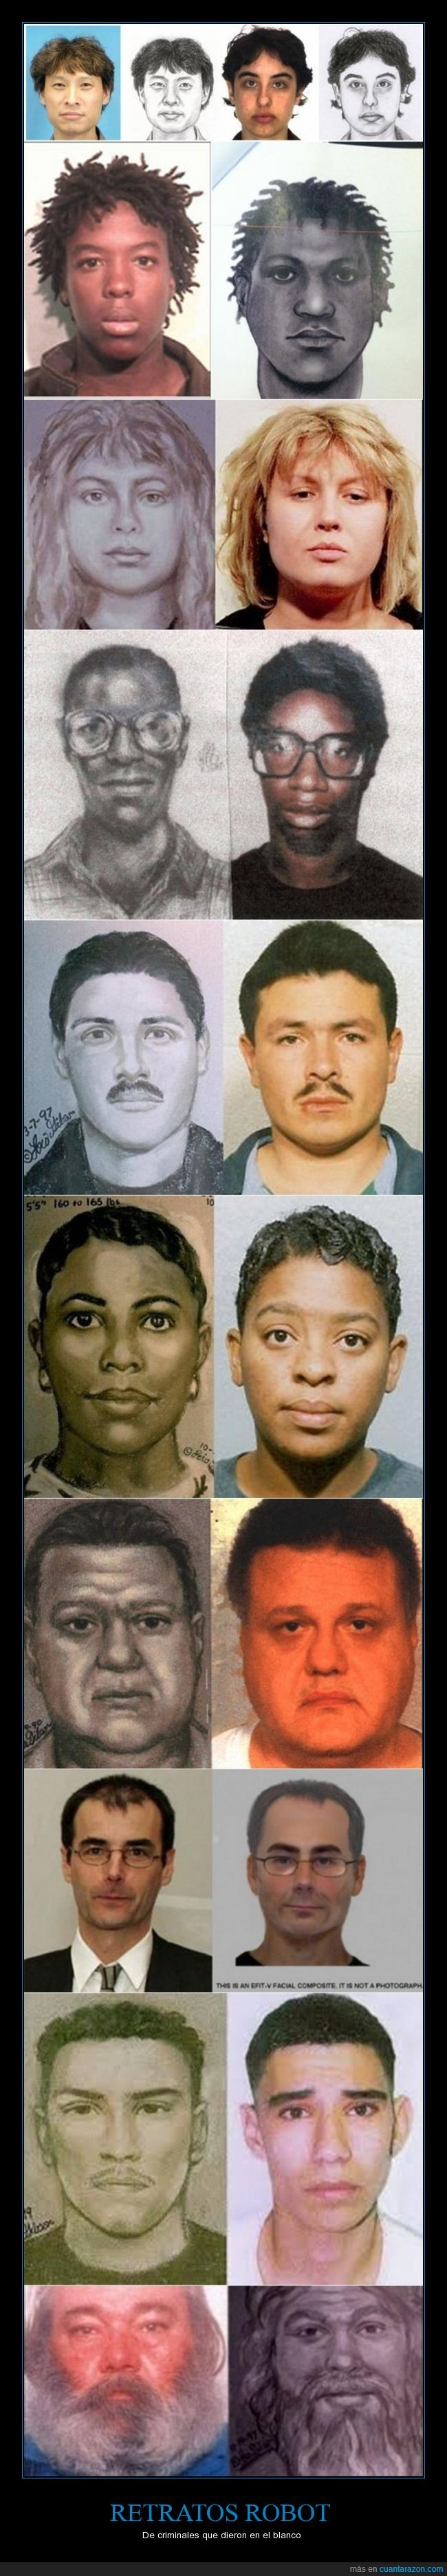 criminales,dar en el blanco,muy parecidos,Retratos hablados,técnica artística forense